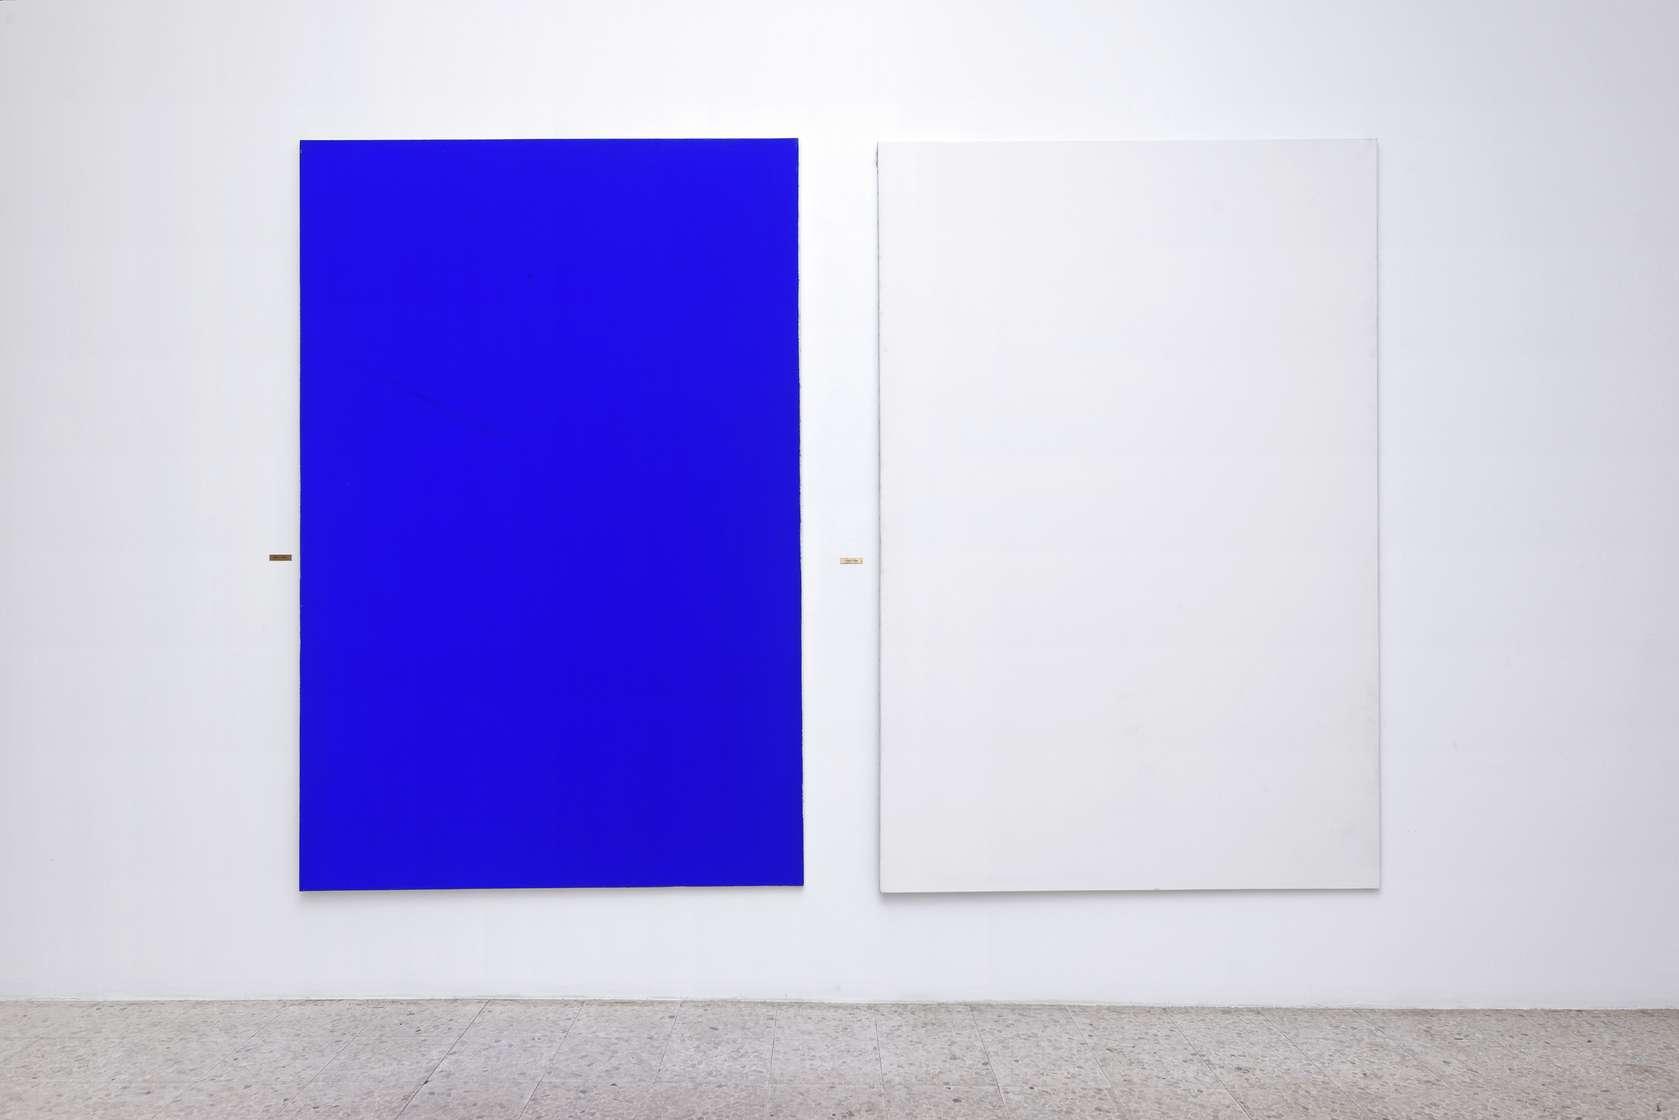 Présence Panchounette, Ciel sans nuage et nuage sans ciel (1889-1988), 1988 Acrylique sur toile et cartels en laiton200 x 140 cm / 78 6/8 x 55 1/8 inches (chaque/each)